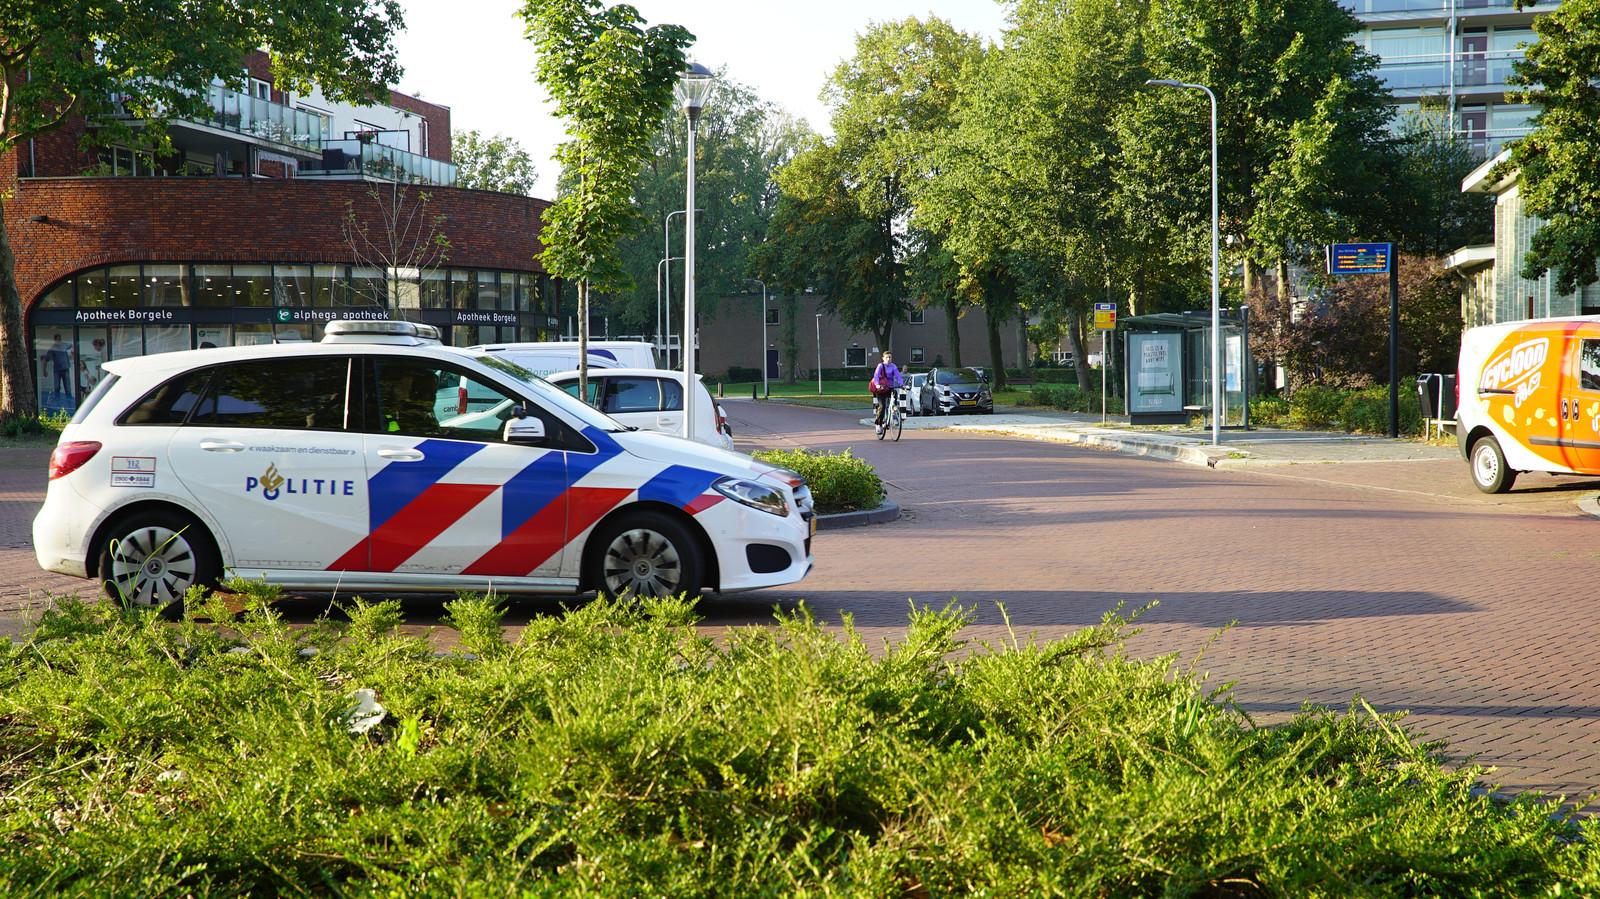 De politie bij de plaats van de aanrijding.